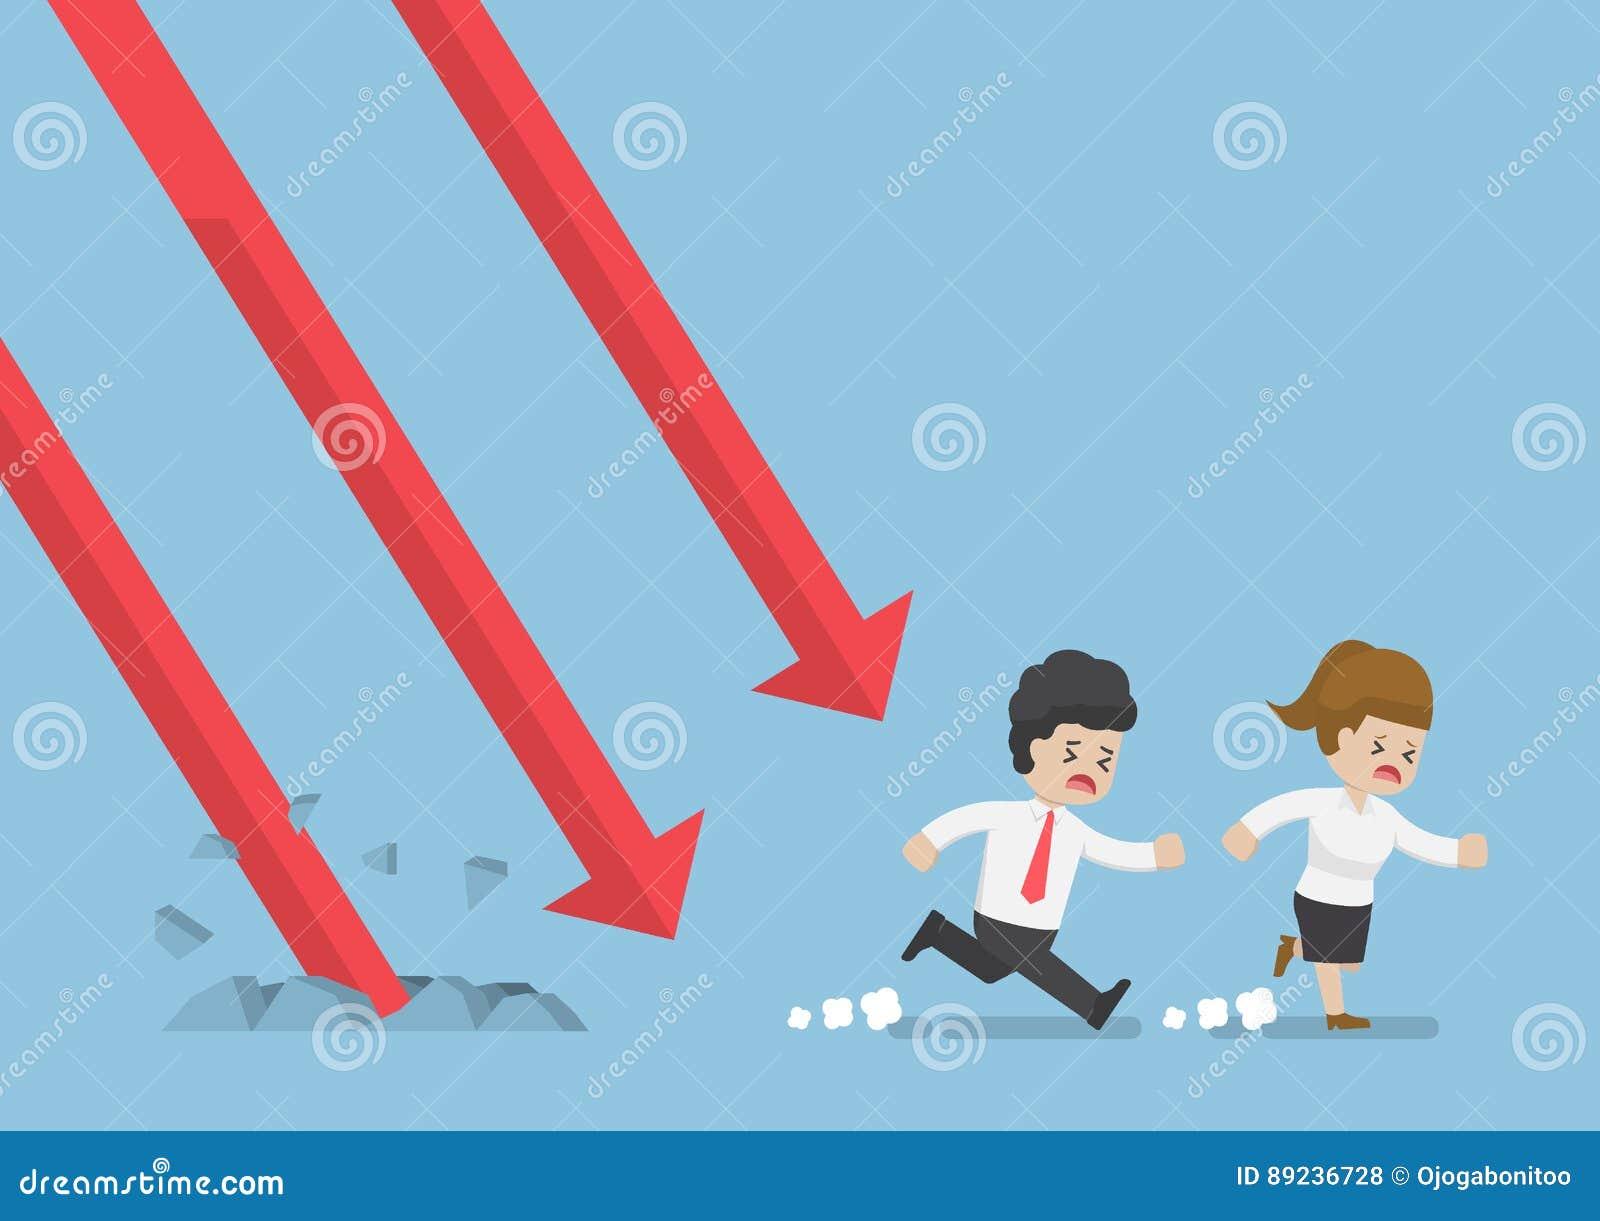 Businessman Run Away From Falling Graph